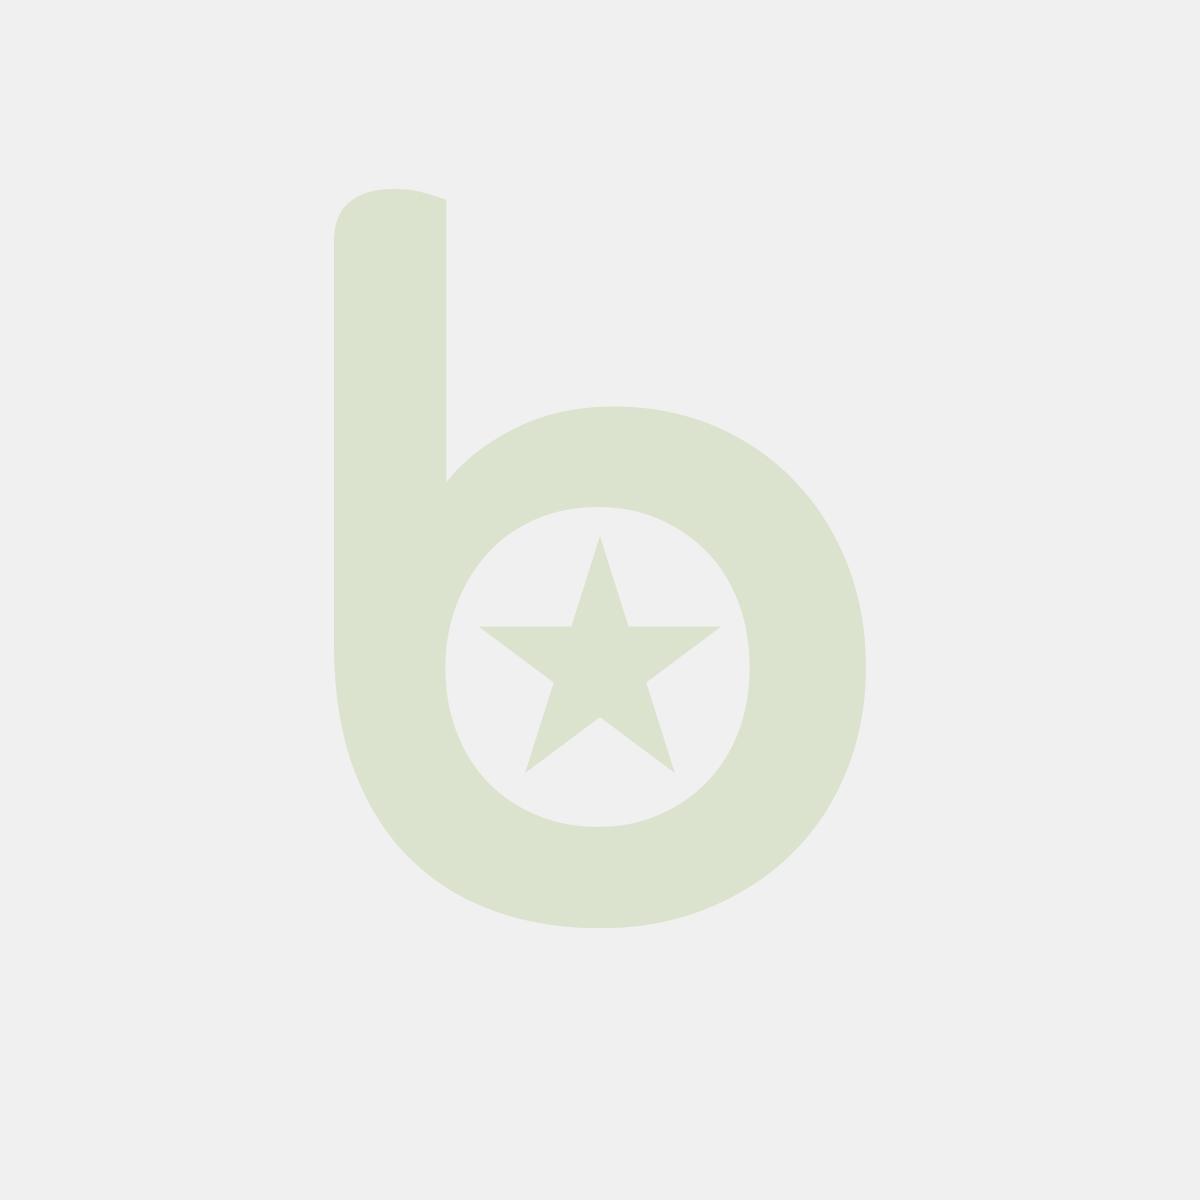 Wkład Slider 755 do długopisu SCHNEIDER , M, format G2, zielony